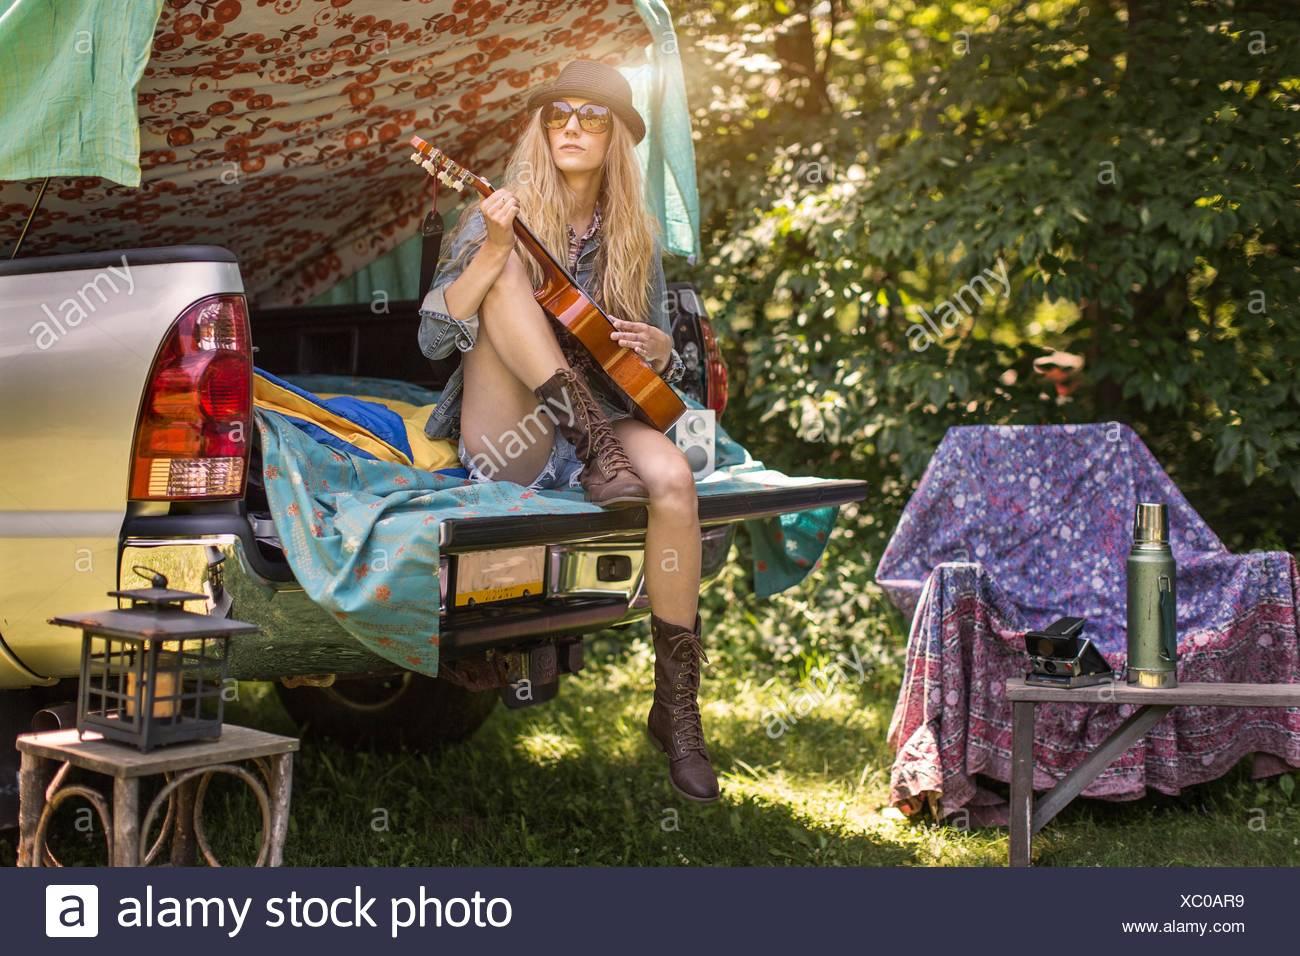 Chica jugando ukulele mientras camping en pick up boot Imagen De Stock